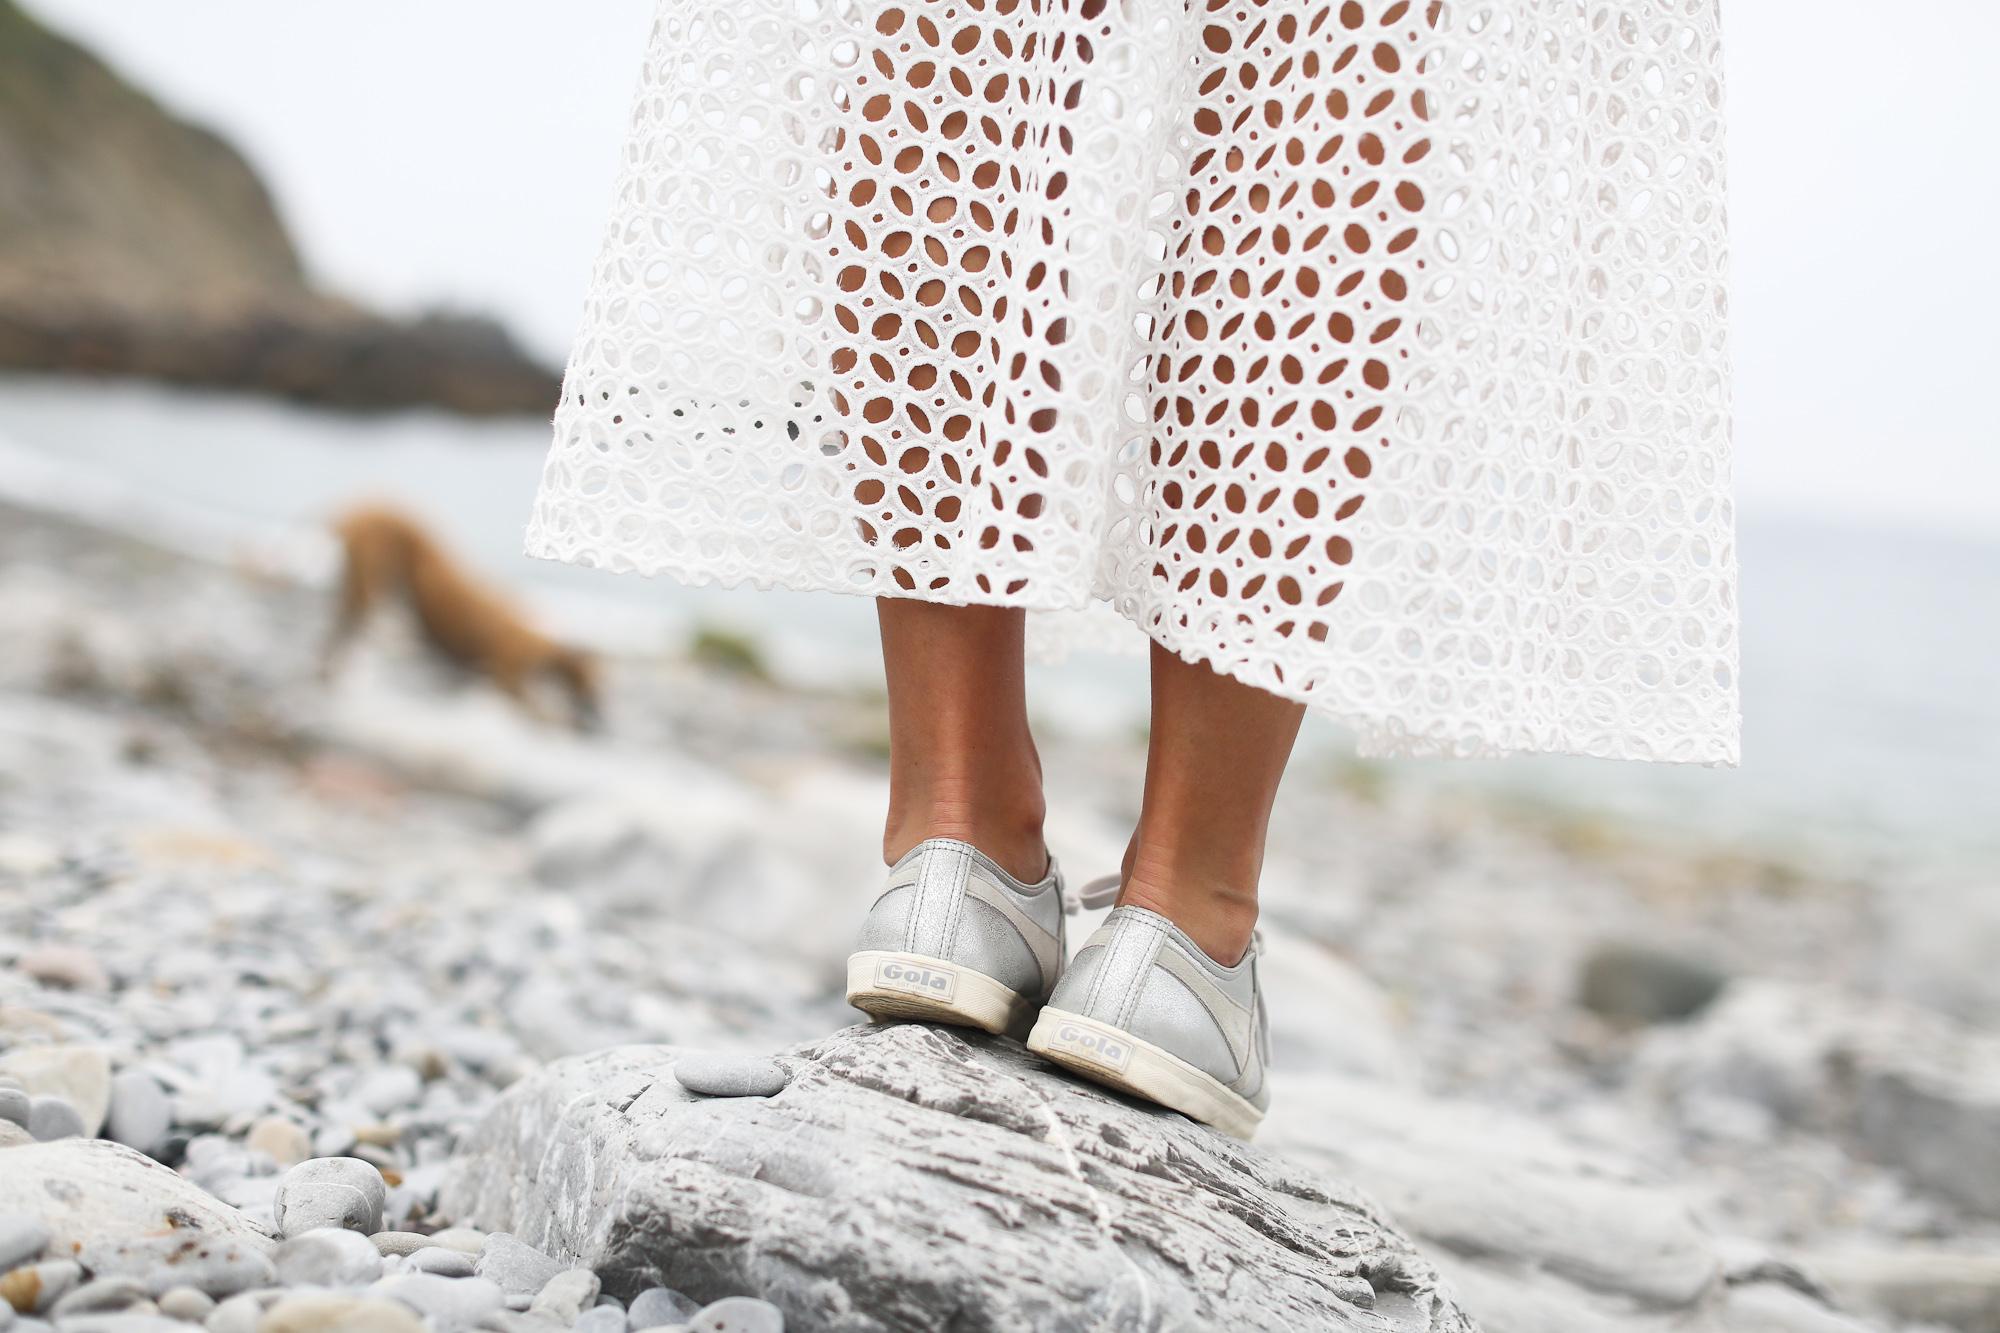 Clochet_streetstyle_gola_footwear_sneakers-18